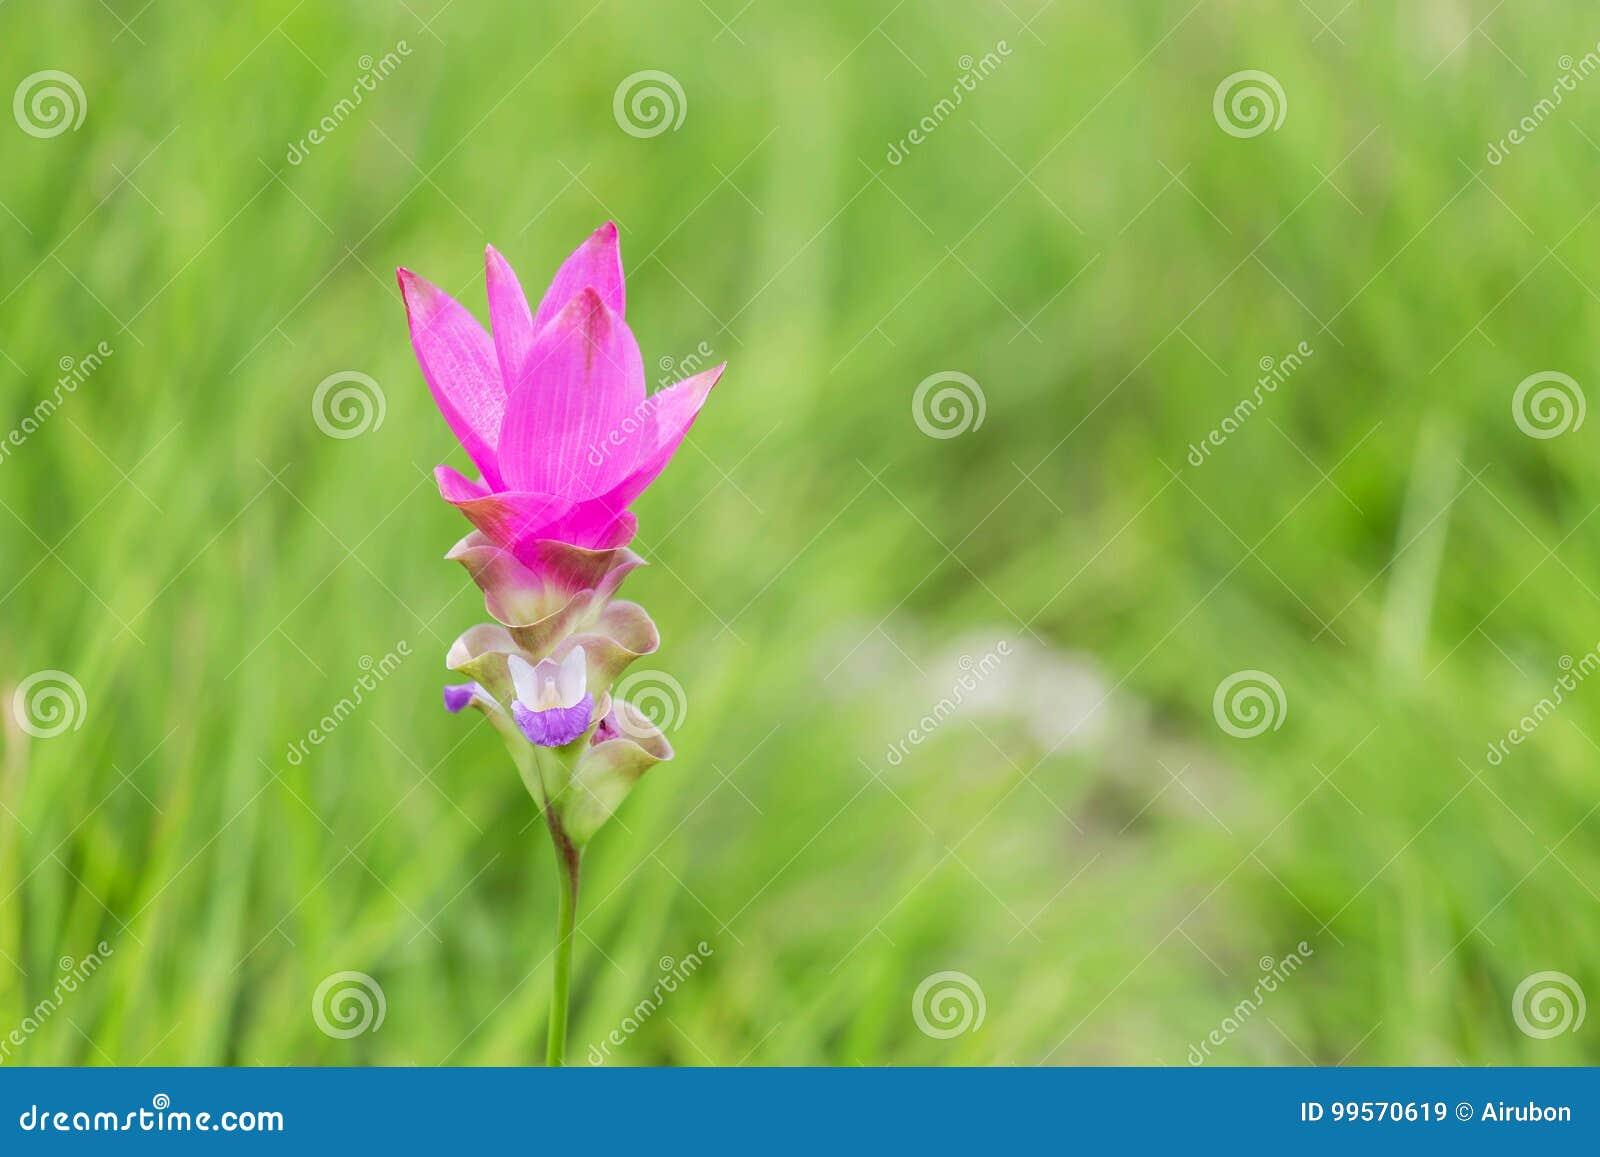 Lampada Fiore Tulipano : Chiuda sul alismatifolia rosa gagnep della curcuma del fiore del